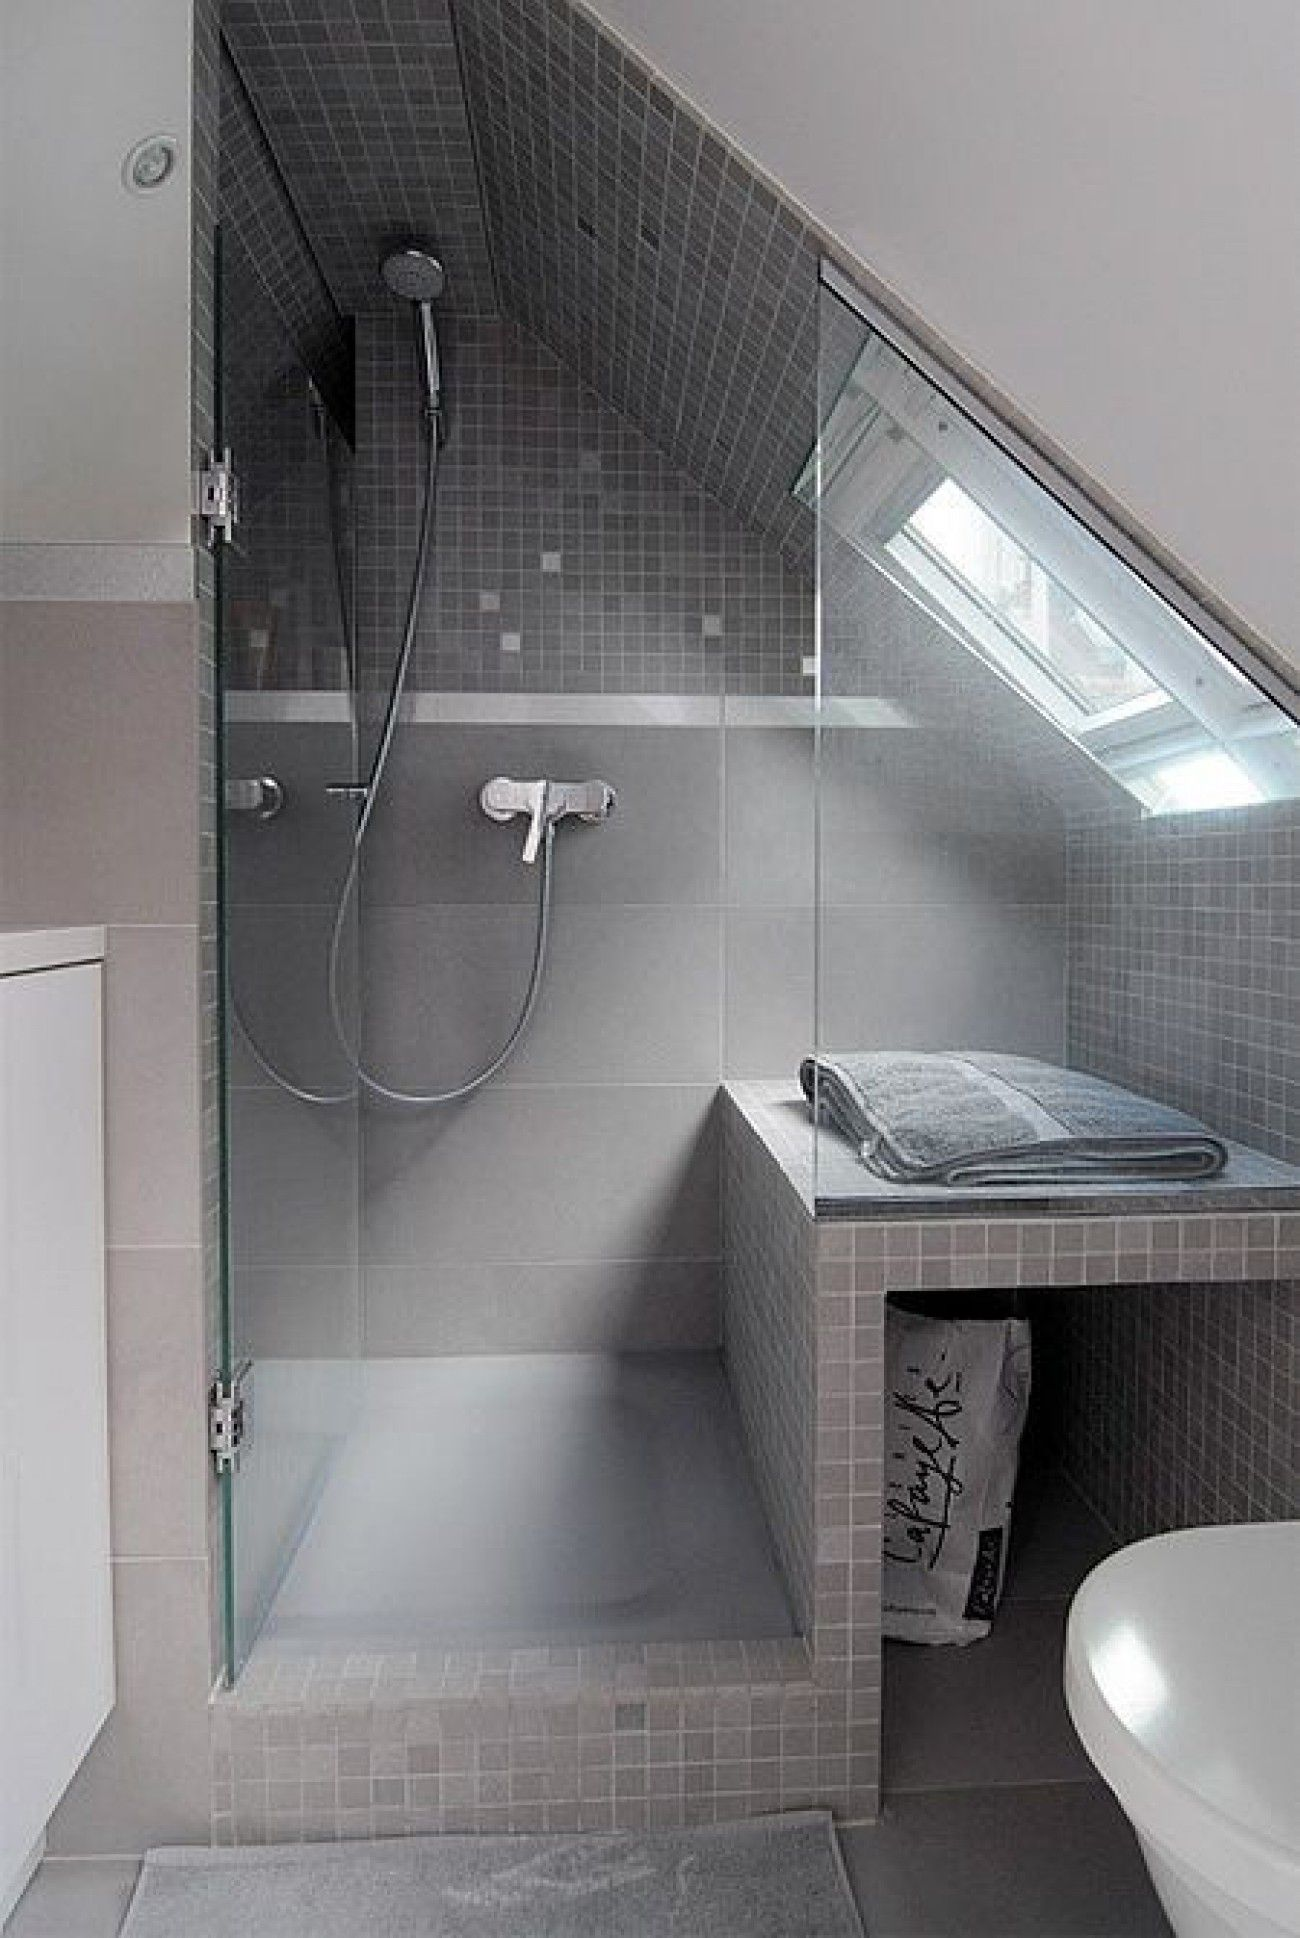 Perfekt Klasse Einteilung Für Ein Kleines Badezimmer Mit Dachschräge